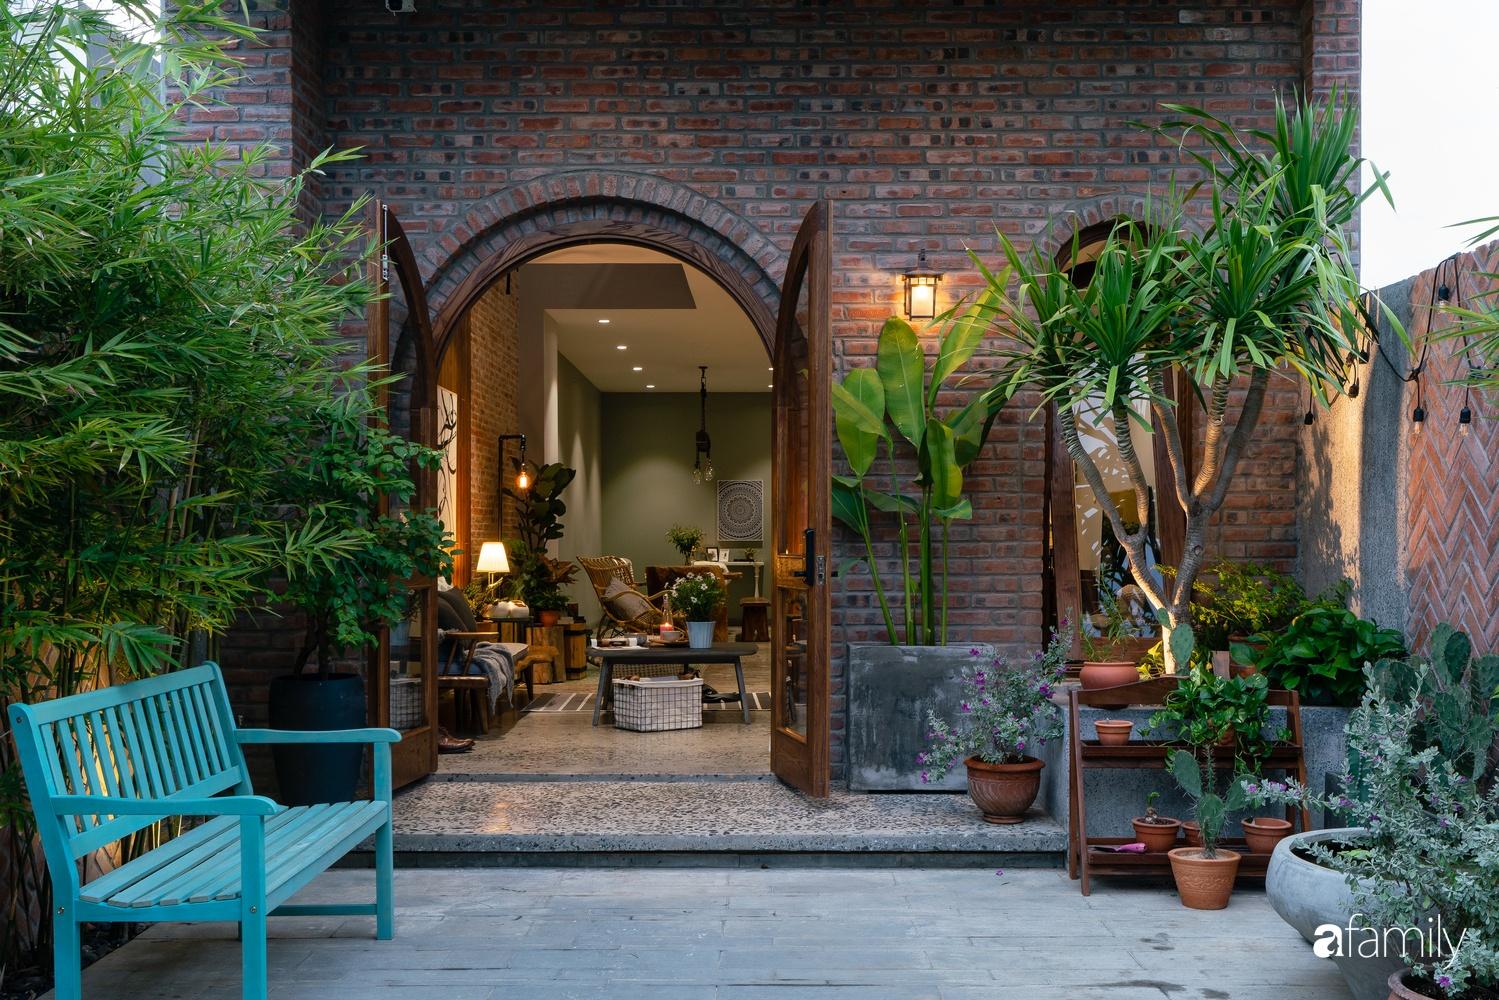 Ngôi nhà có kiến trúc độc đáo giàu tính nghệ thuật đẹp yên bình, mộc mạc giữa trung tâm thành phố Đà Nẵng - Ảnh 1.